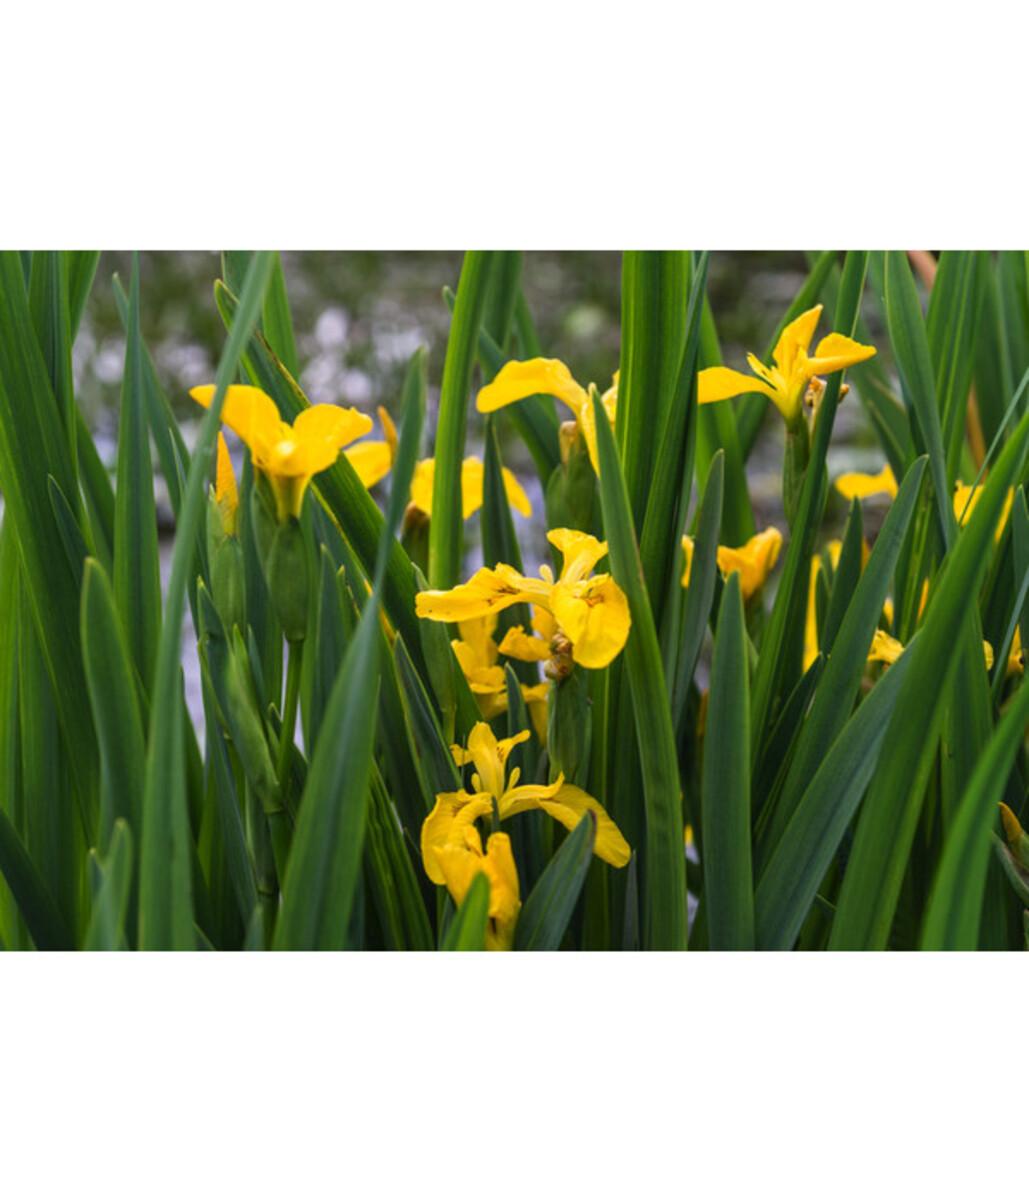 Bild 4 von Sumpf-Schwertlilie, gelb